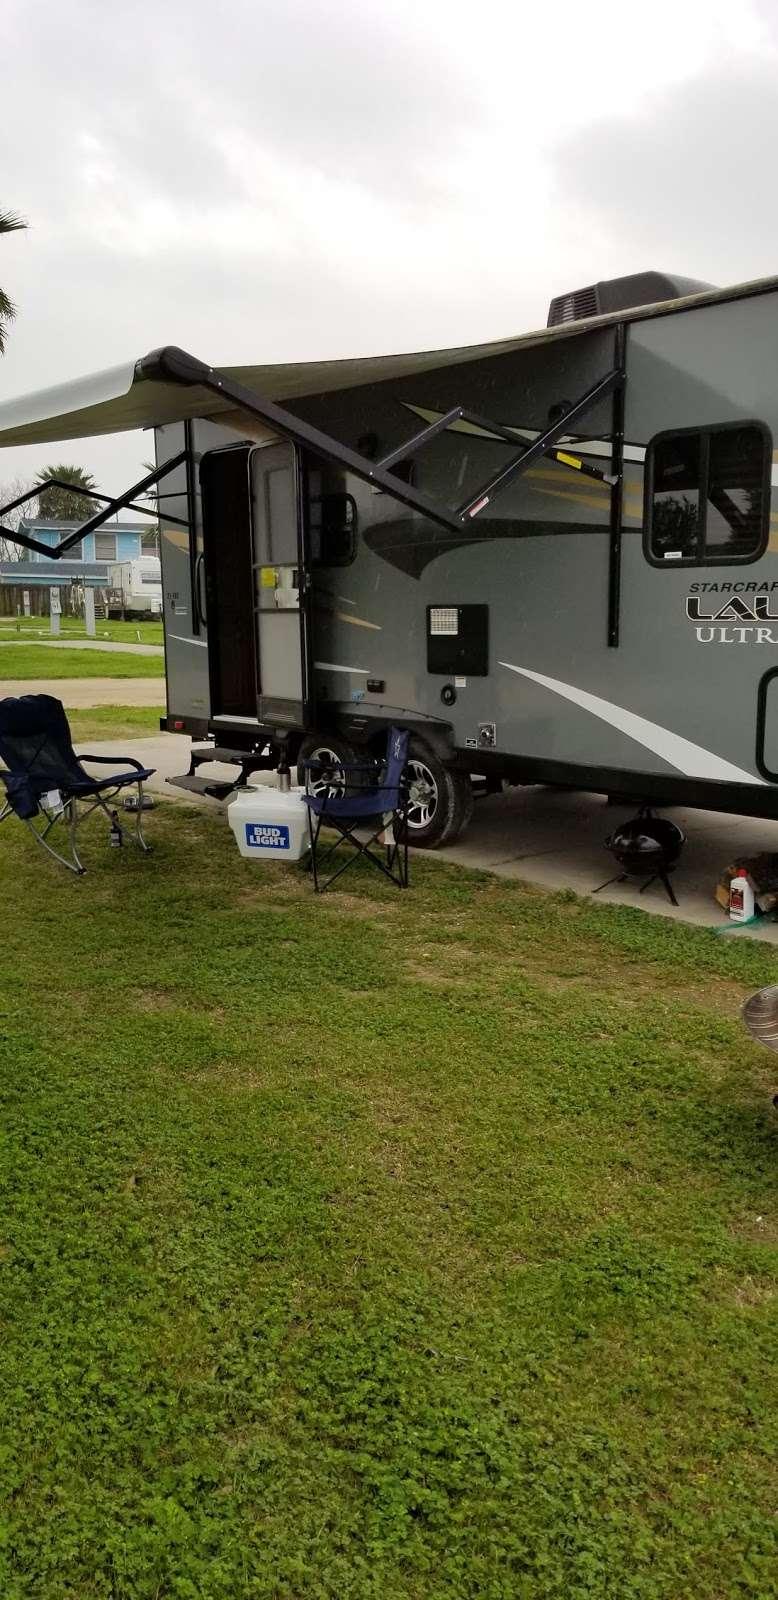 Beach Side RV Park - rv park  | Photo 4 of 10 | Address: 1280 State Hwy 87, Crystal Beach, TX 77650, USA | Phone: (409) 996-3288